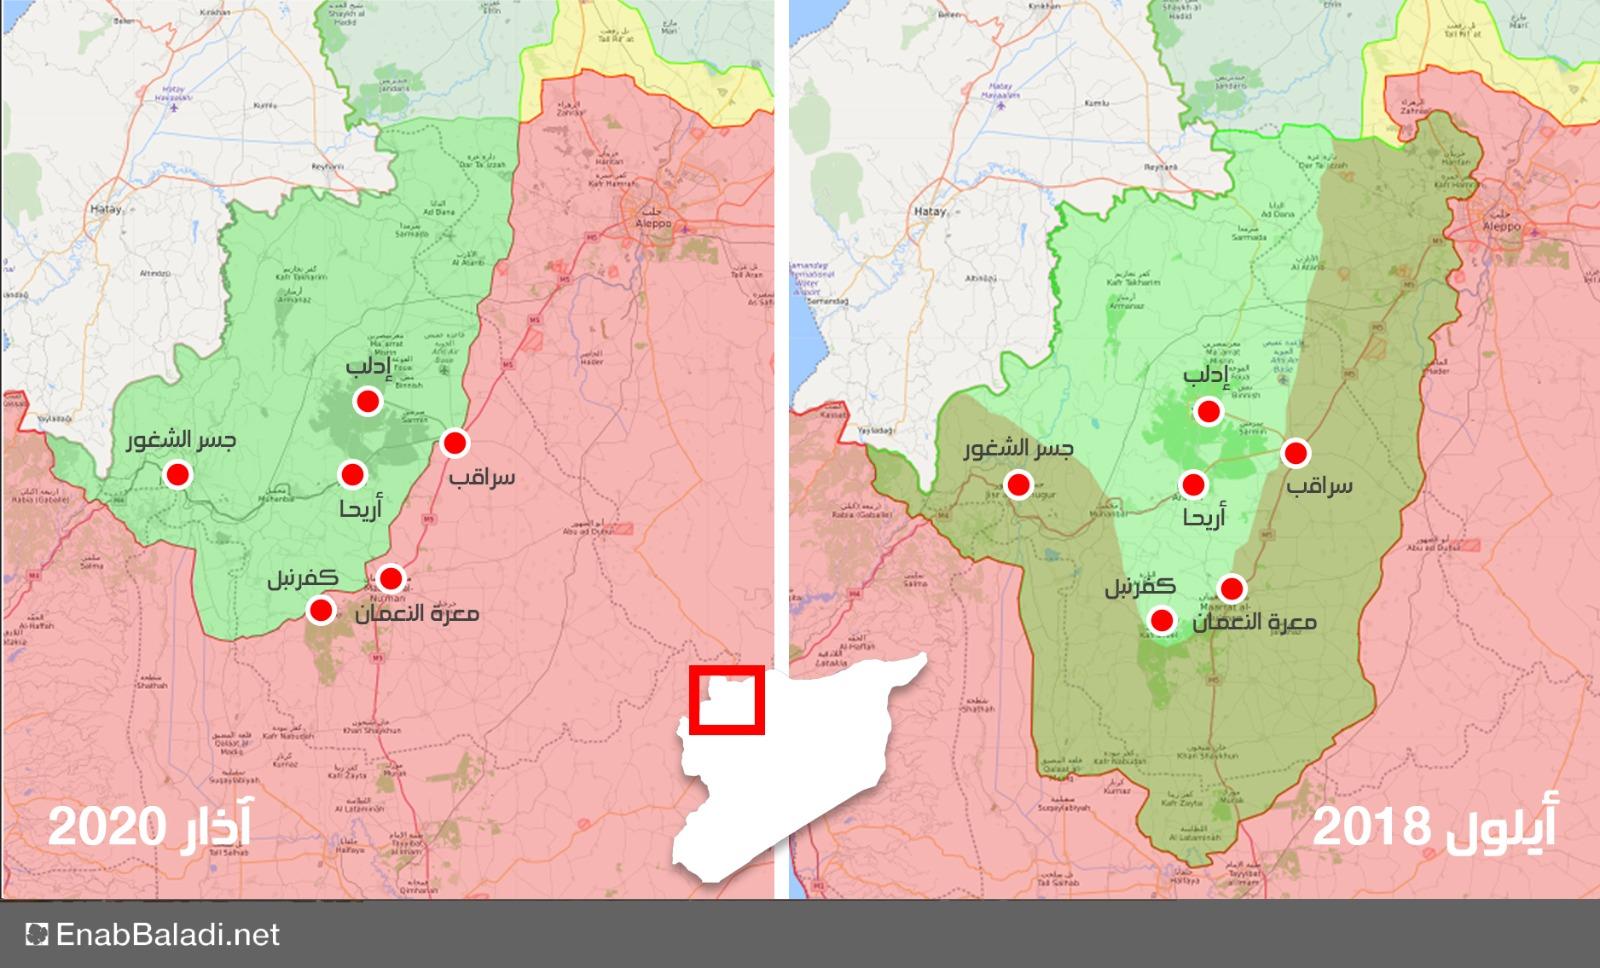 خريطة توضح تراجع السيطرة الميدانية لفصائل المعارضة في إدلب بين عامي 2018 و2020 (عنب بلدي)